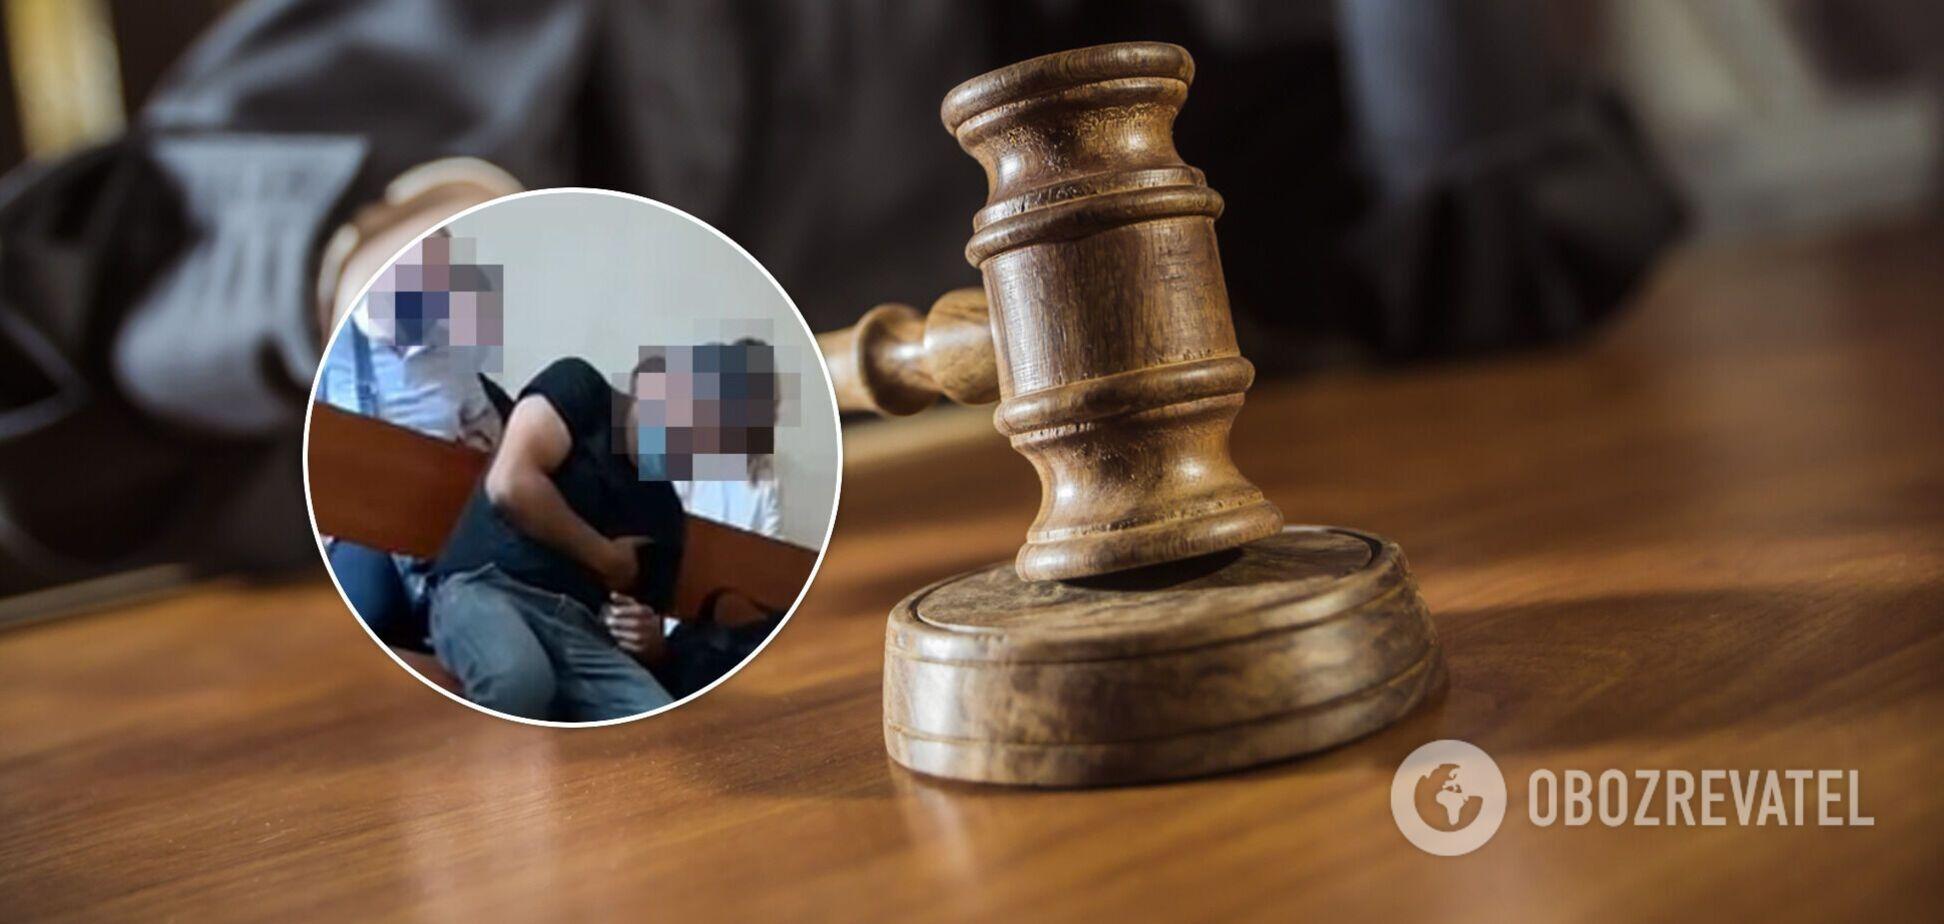 В Харькове иностранец изнасиловал девушку, проникнув в ее квартиру: его будут судить. Фото